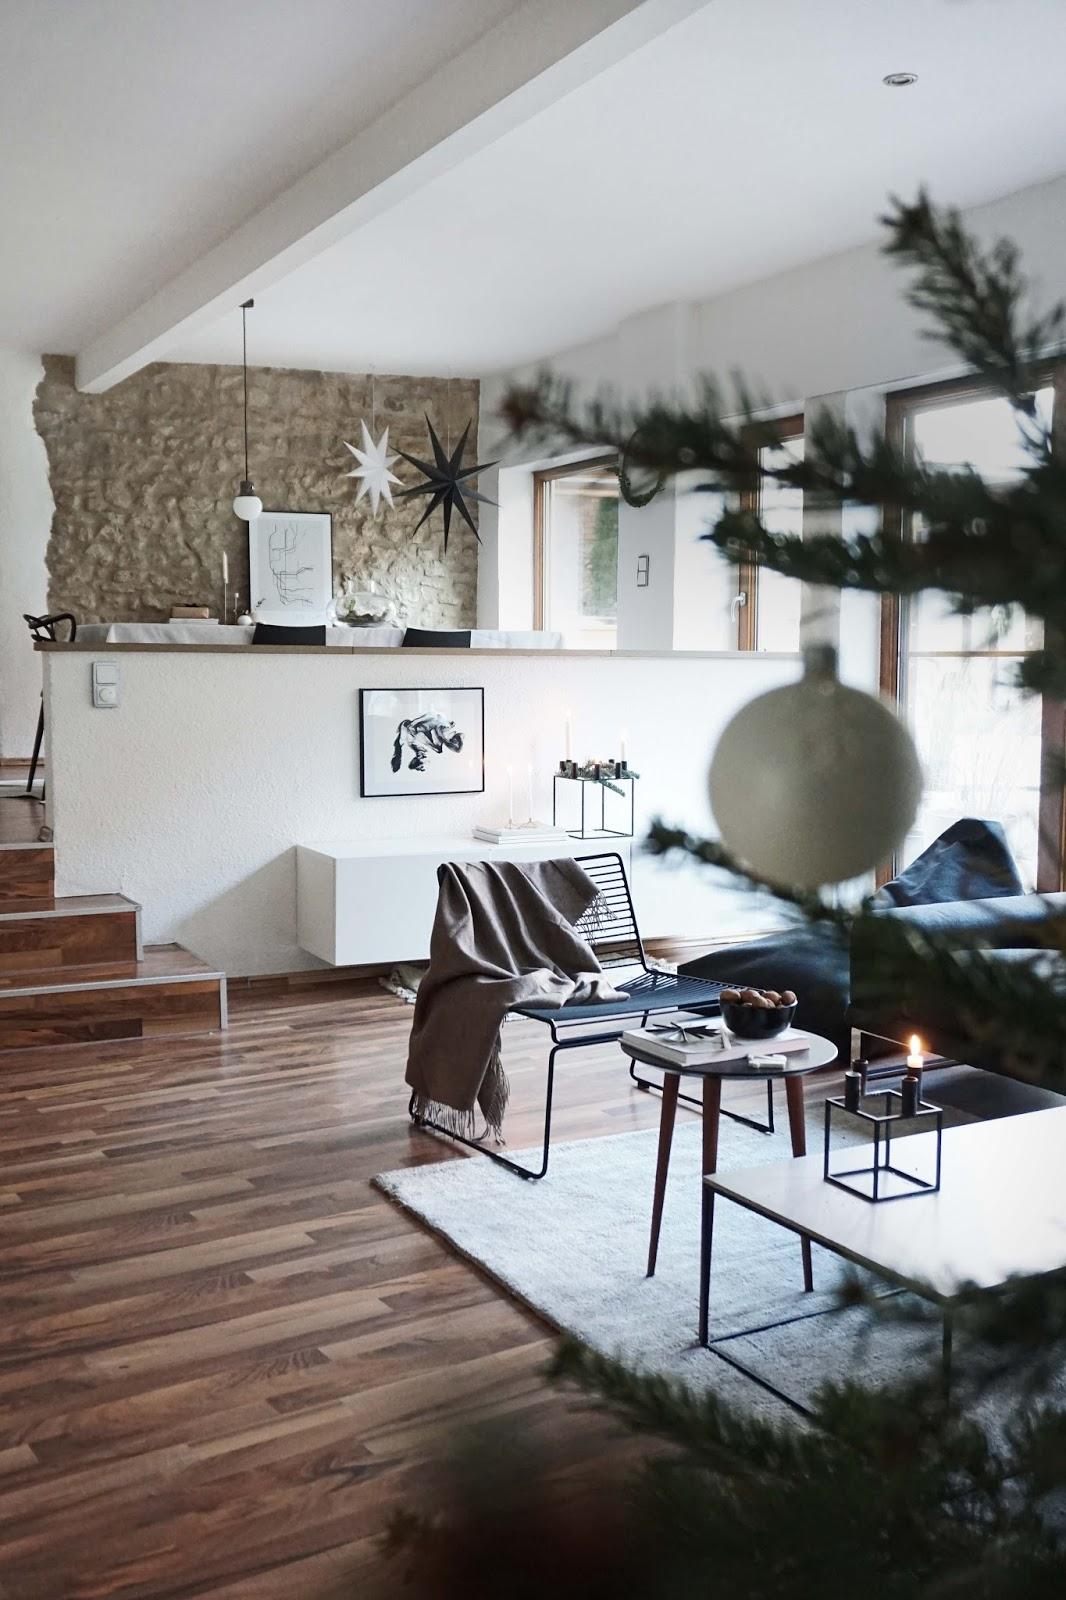 Weihnachten 2016 s t i l r e i c h blog - Stilreich instagram ...